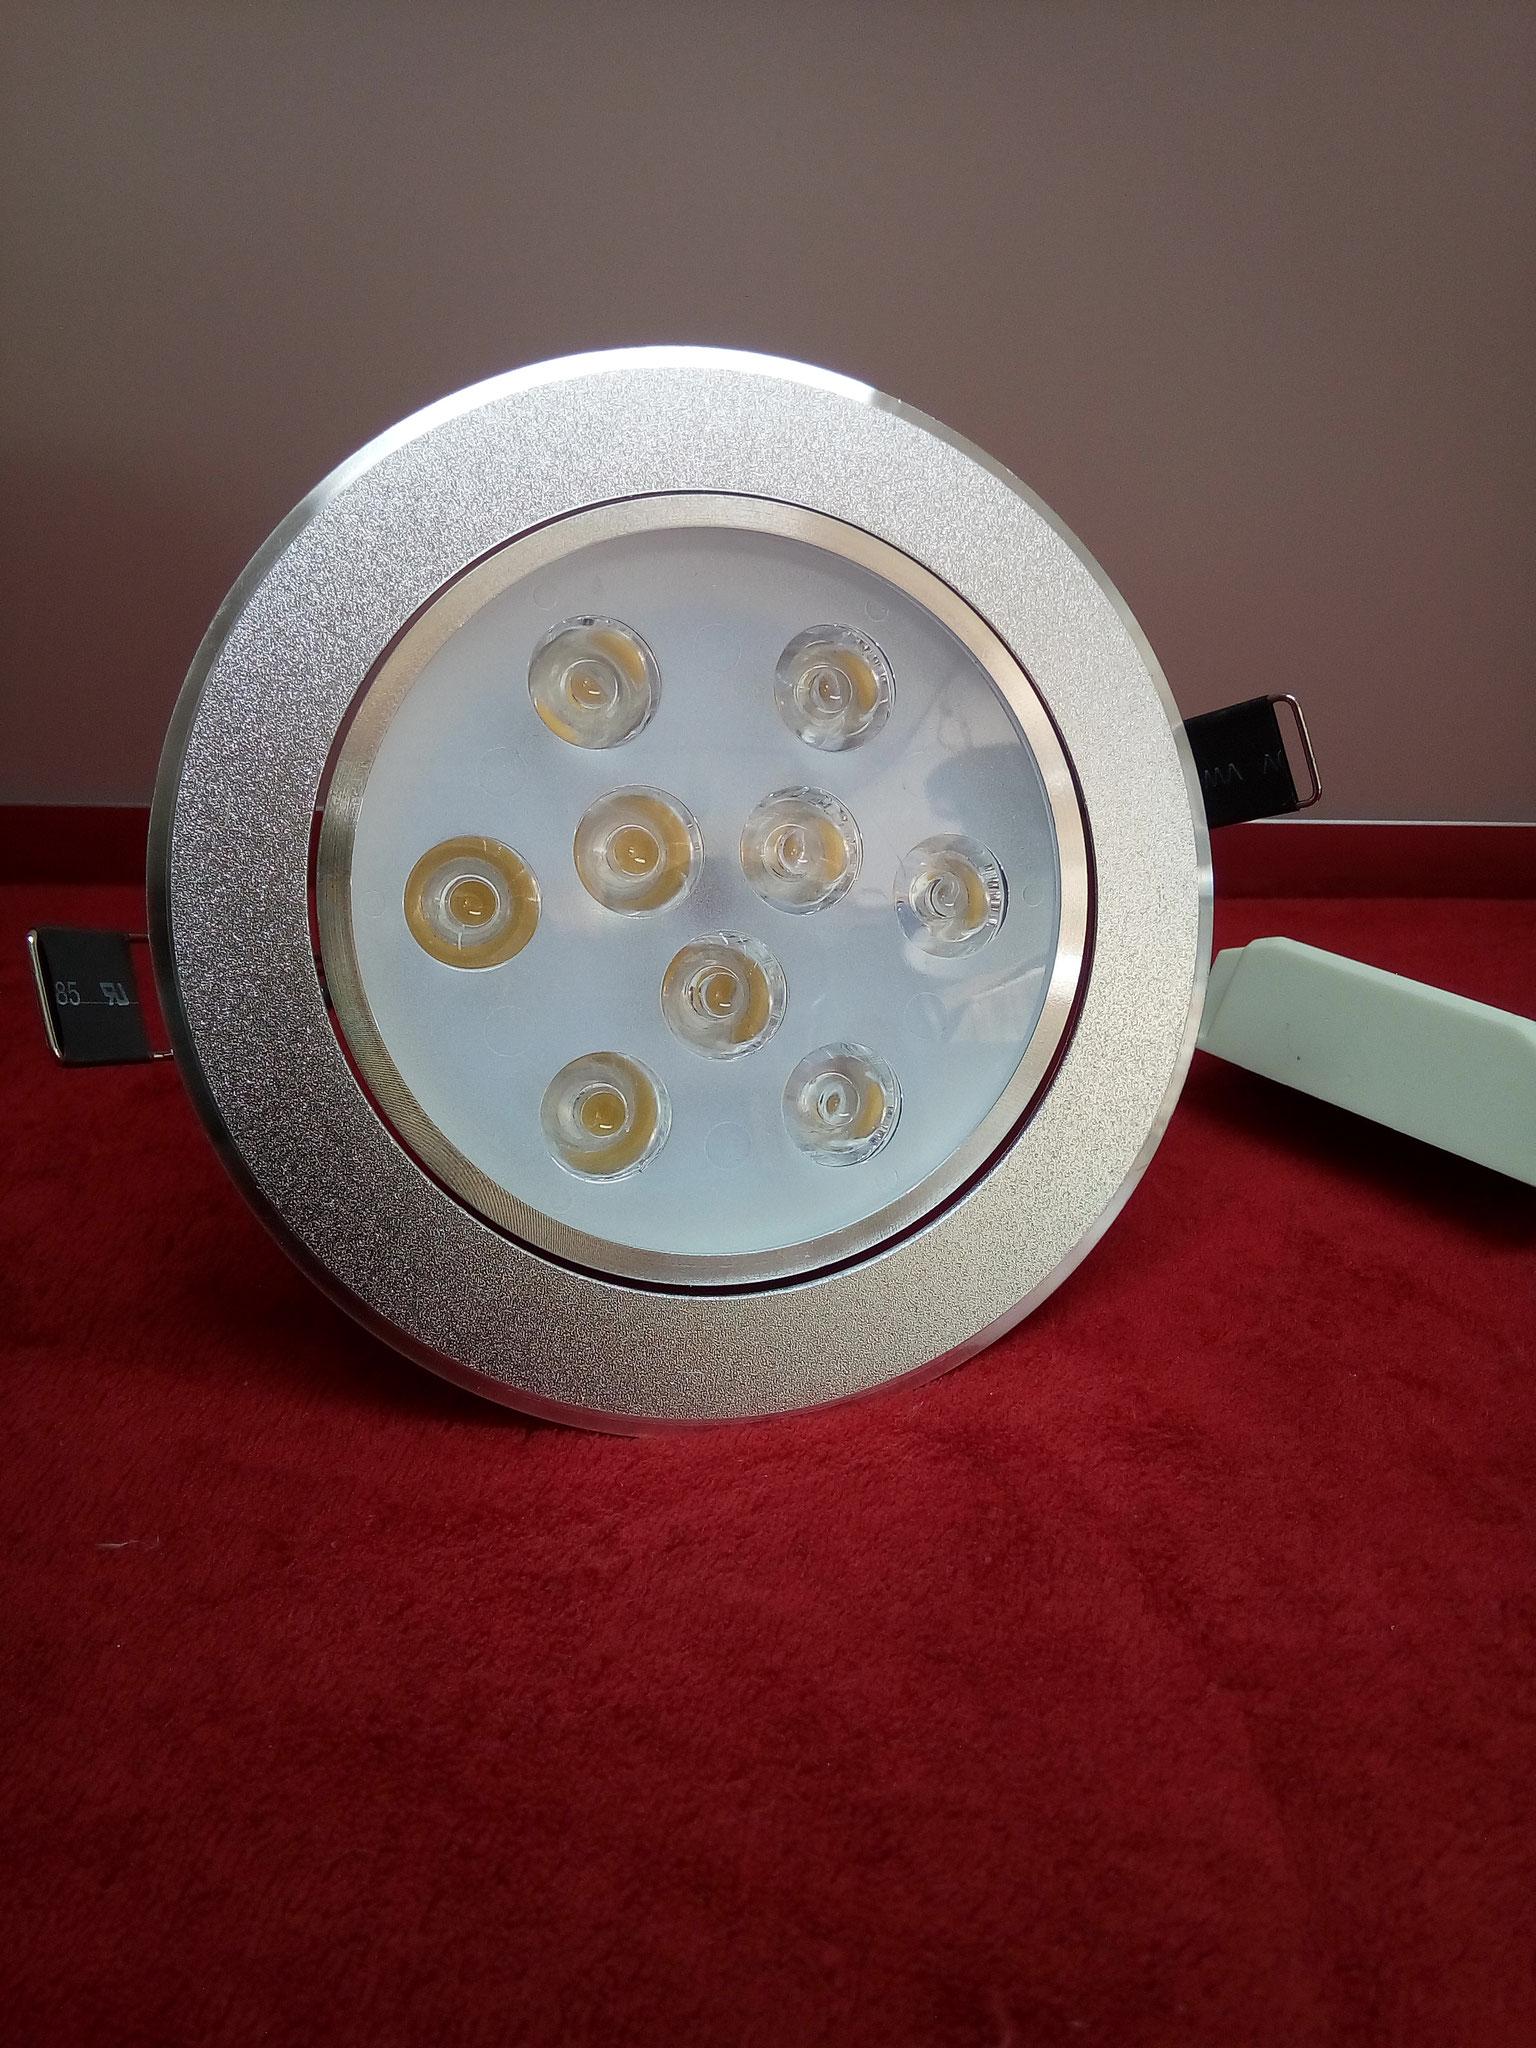 shop led beleuchtung led strahler fluter spot panel r hren hallen beleuchtung g nstig online. Black Bedroom Furniture Sets. Home Design Ideas